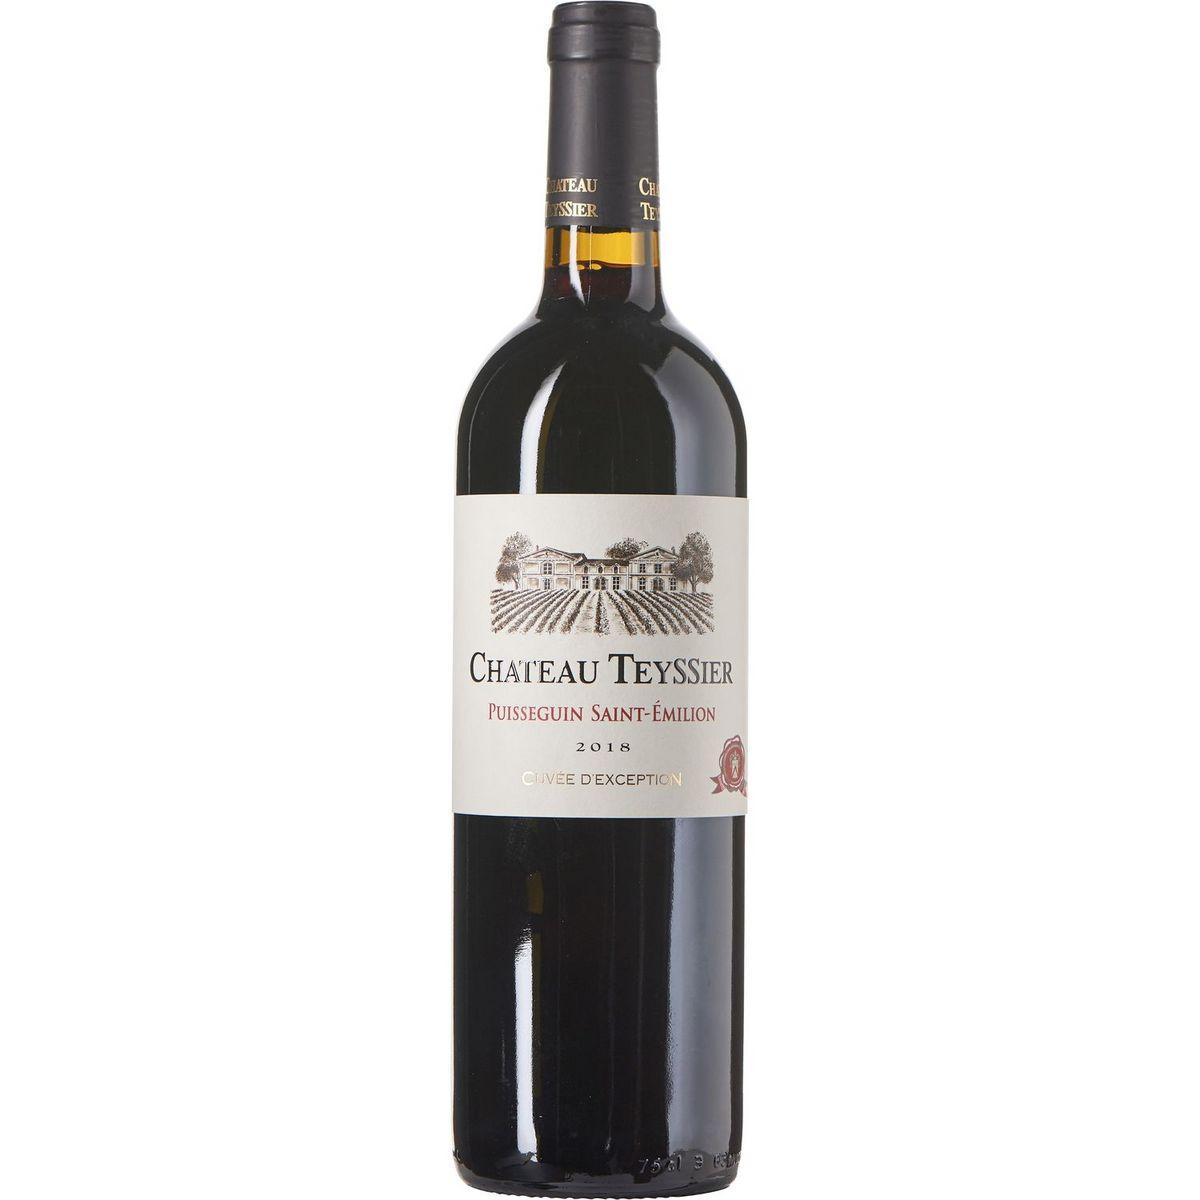 AOP Puisseguin Saint-Émilion Château Teyssier cuvée d'Exception 2018 rouge